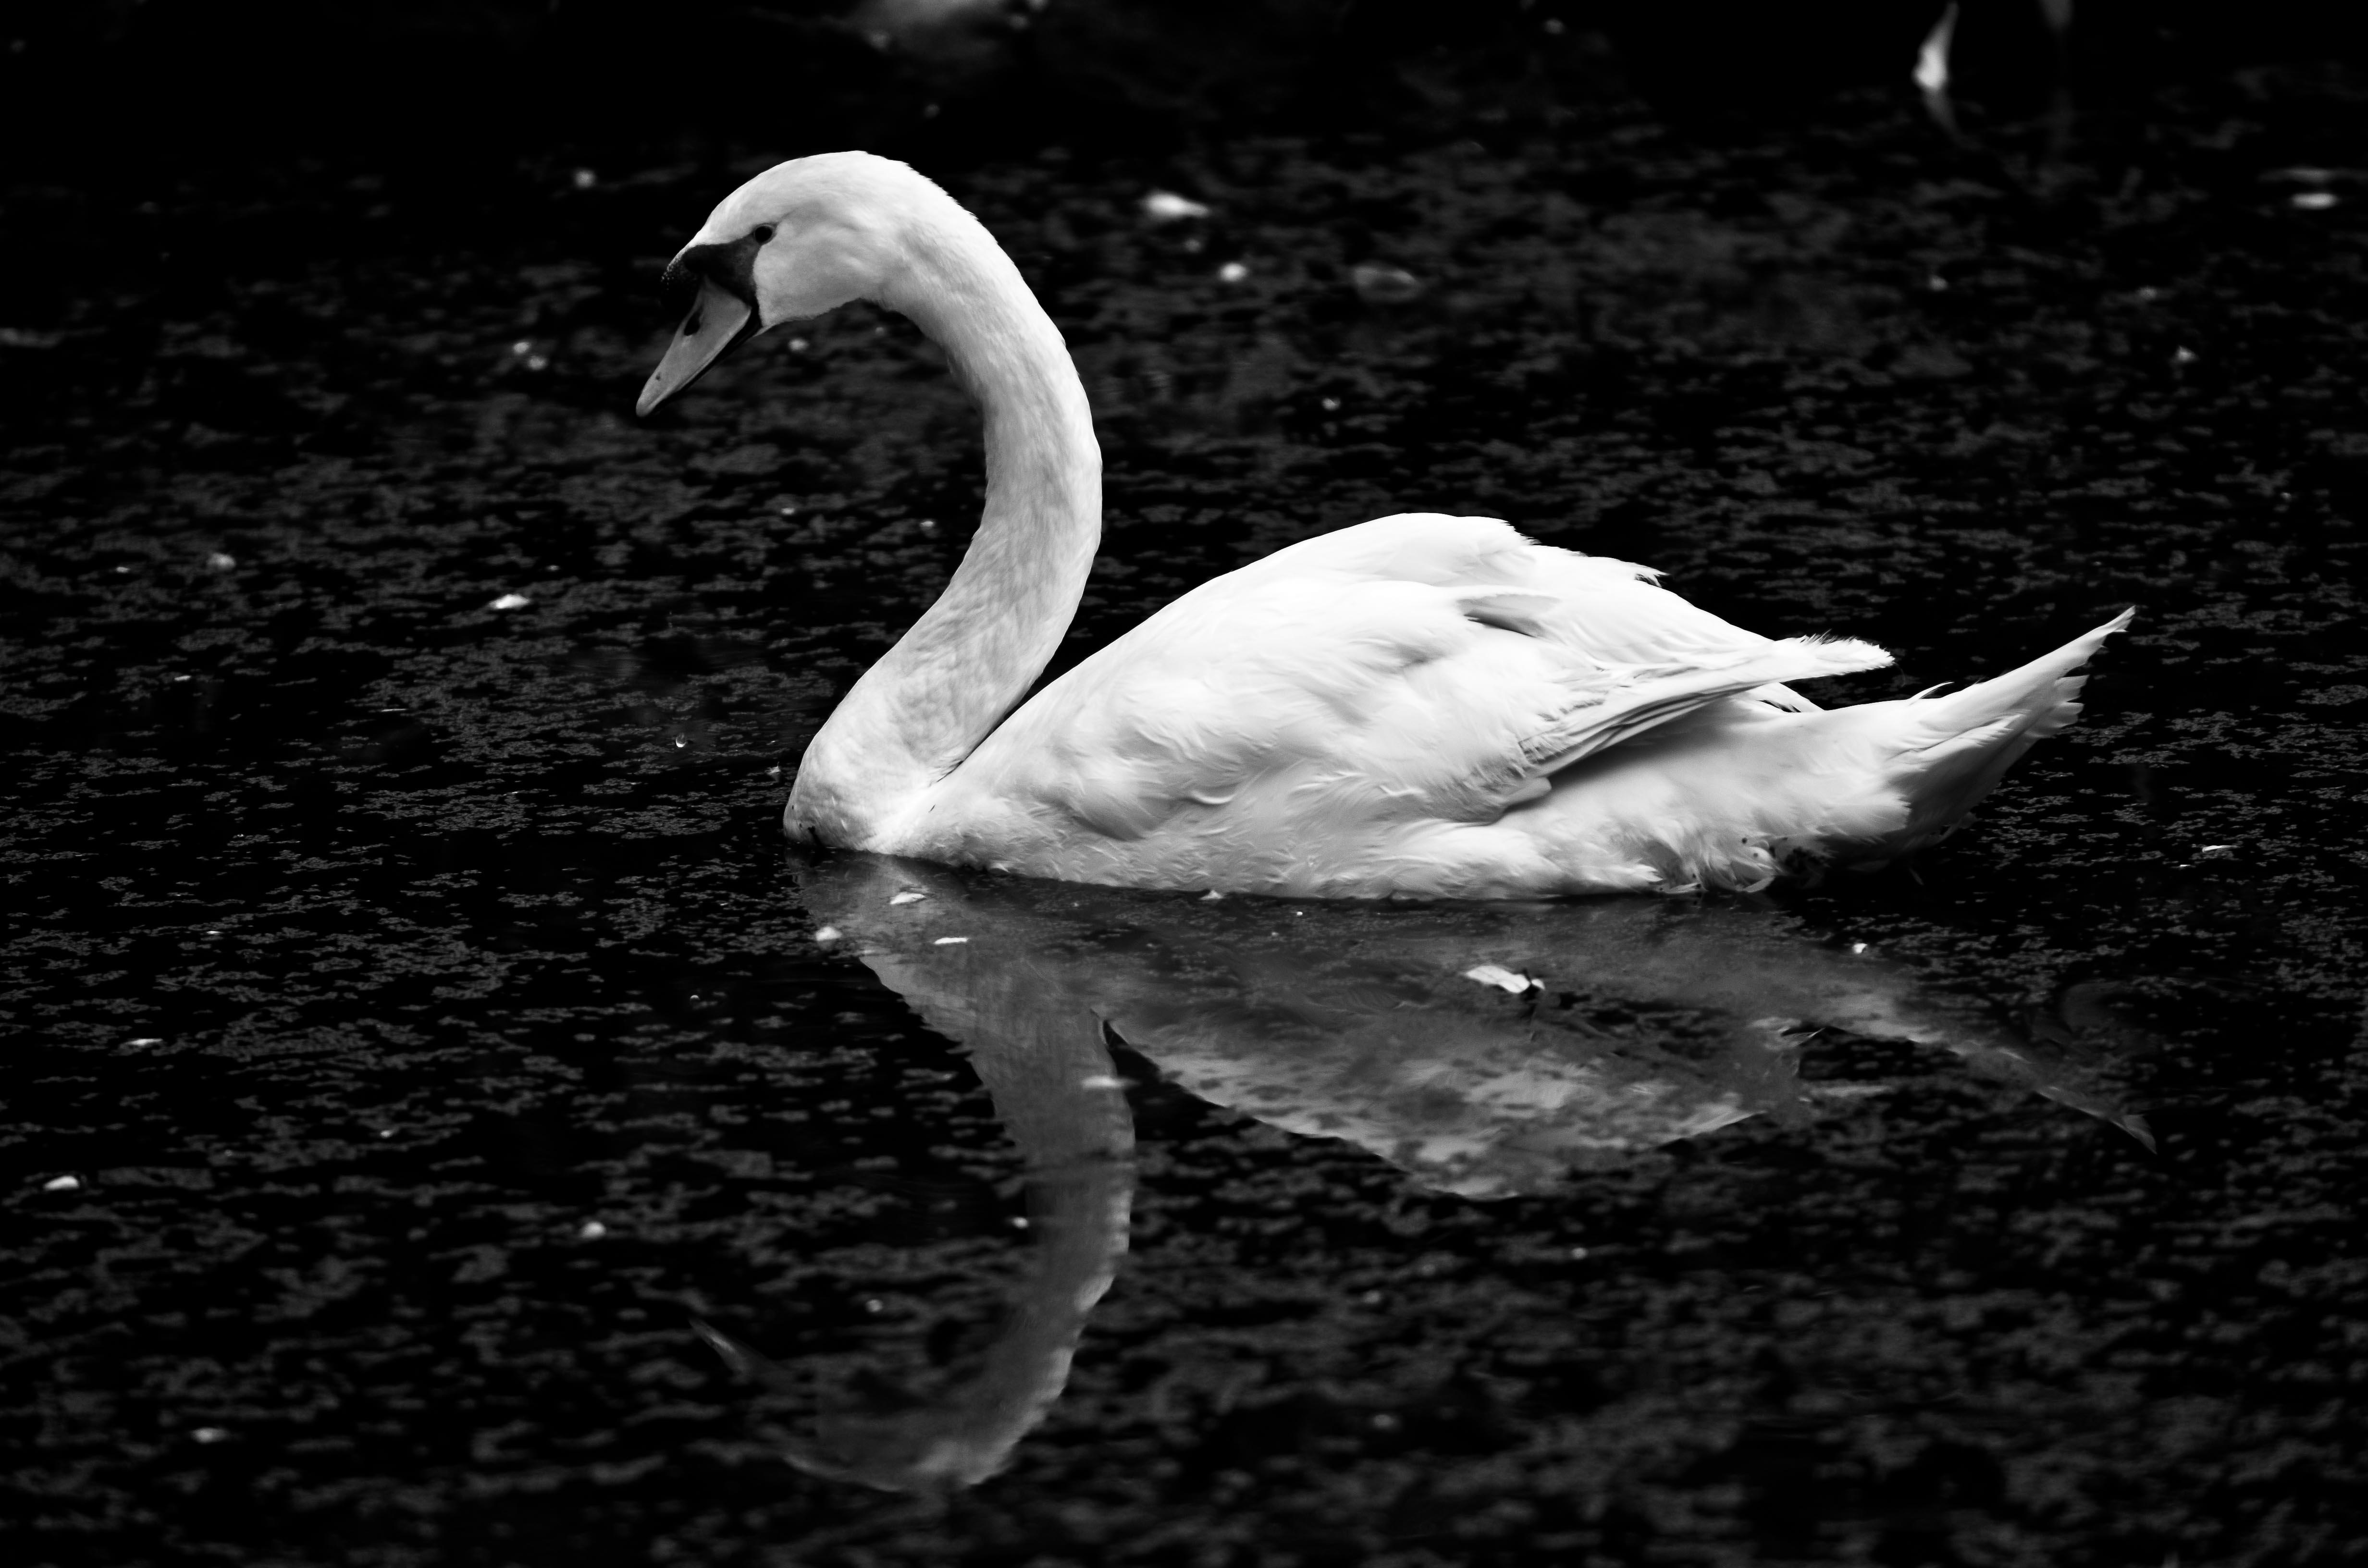 jojo-nicao-flickr